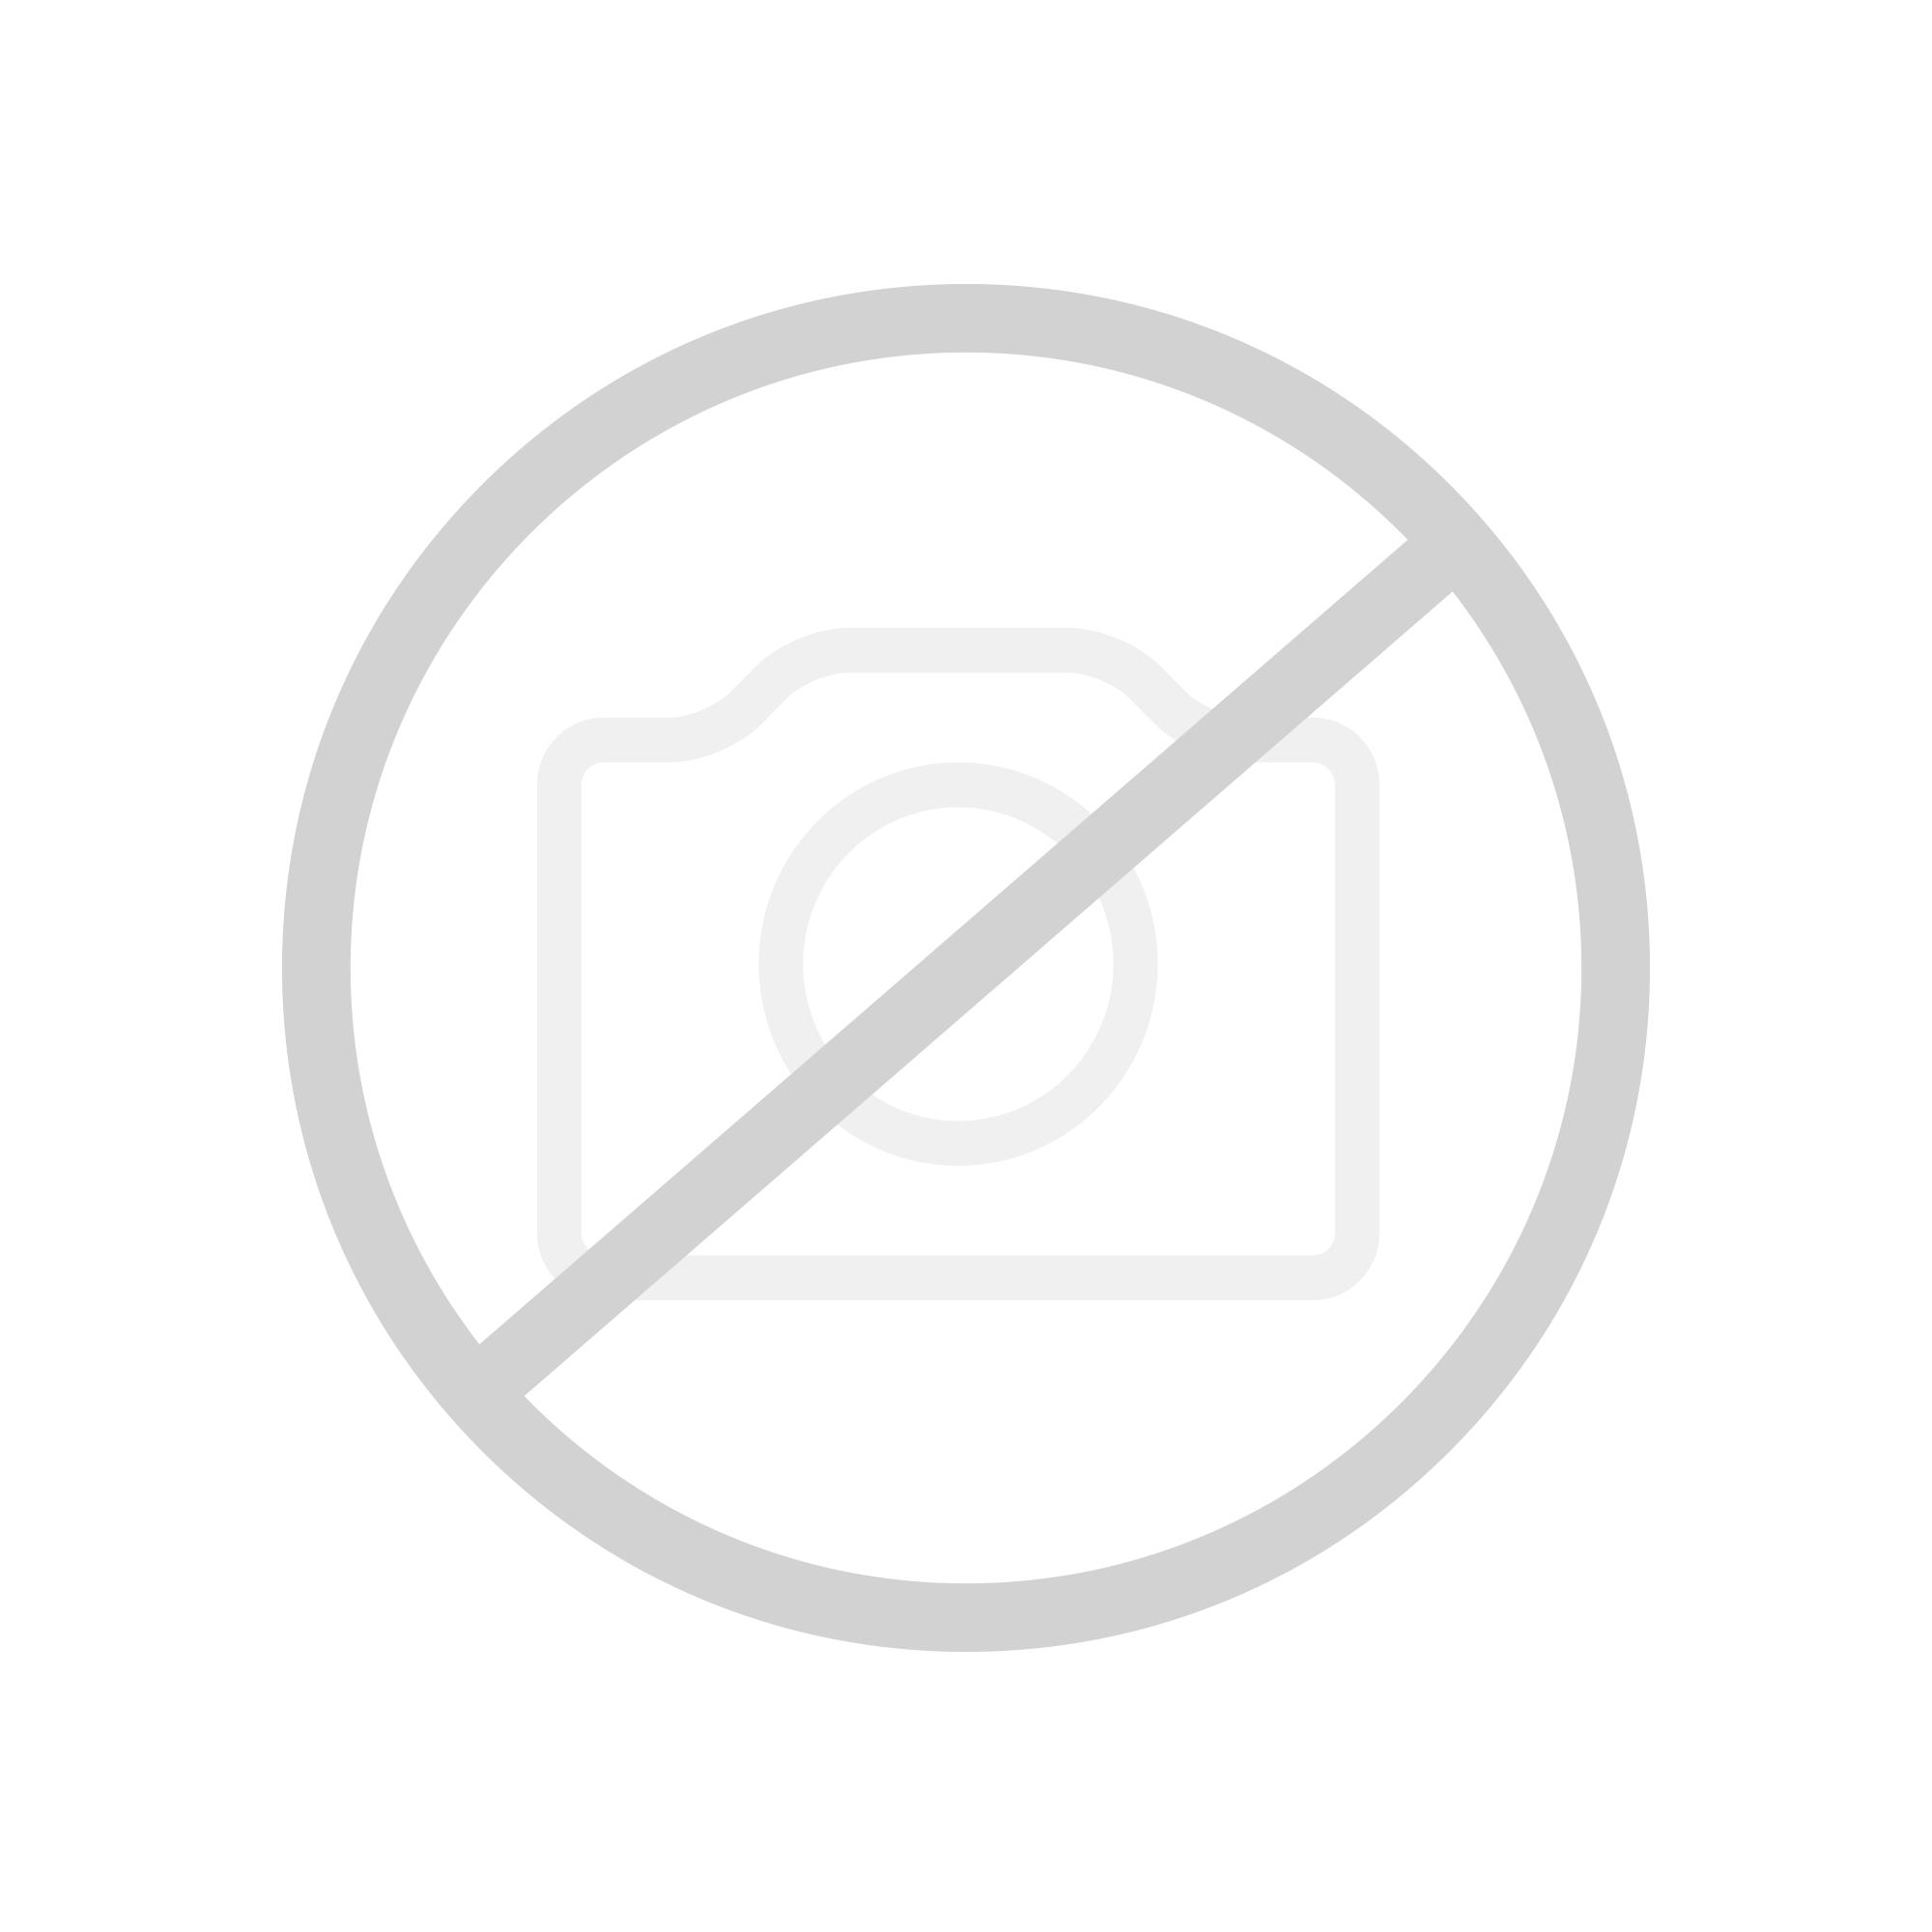 Sanipa 3way Waschtischunterschrank mit 2 Auszügen inkl. Mineralguss-Waschtisch Front anthrazit matt/ Korpus anthrazit matt